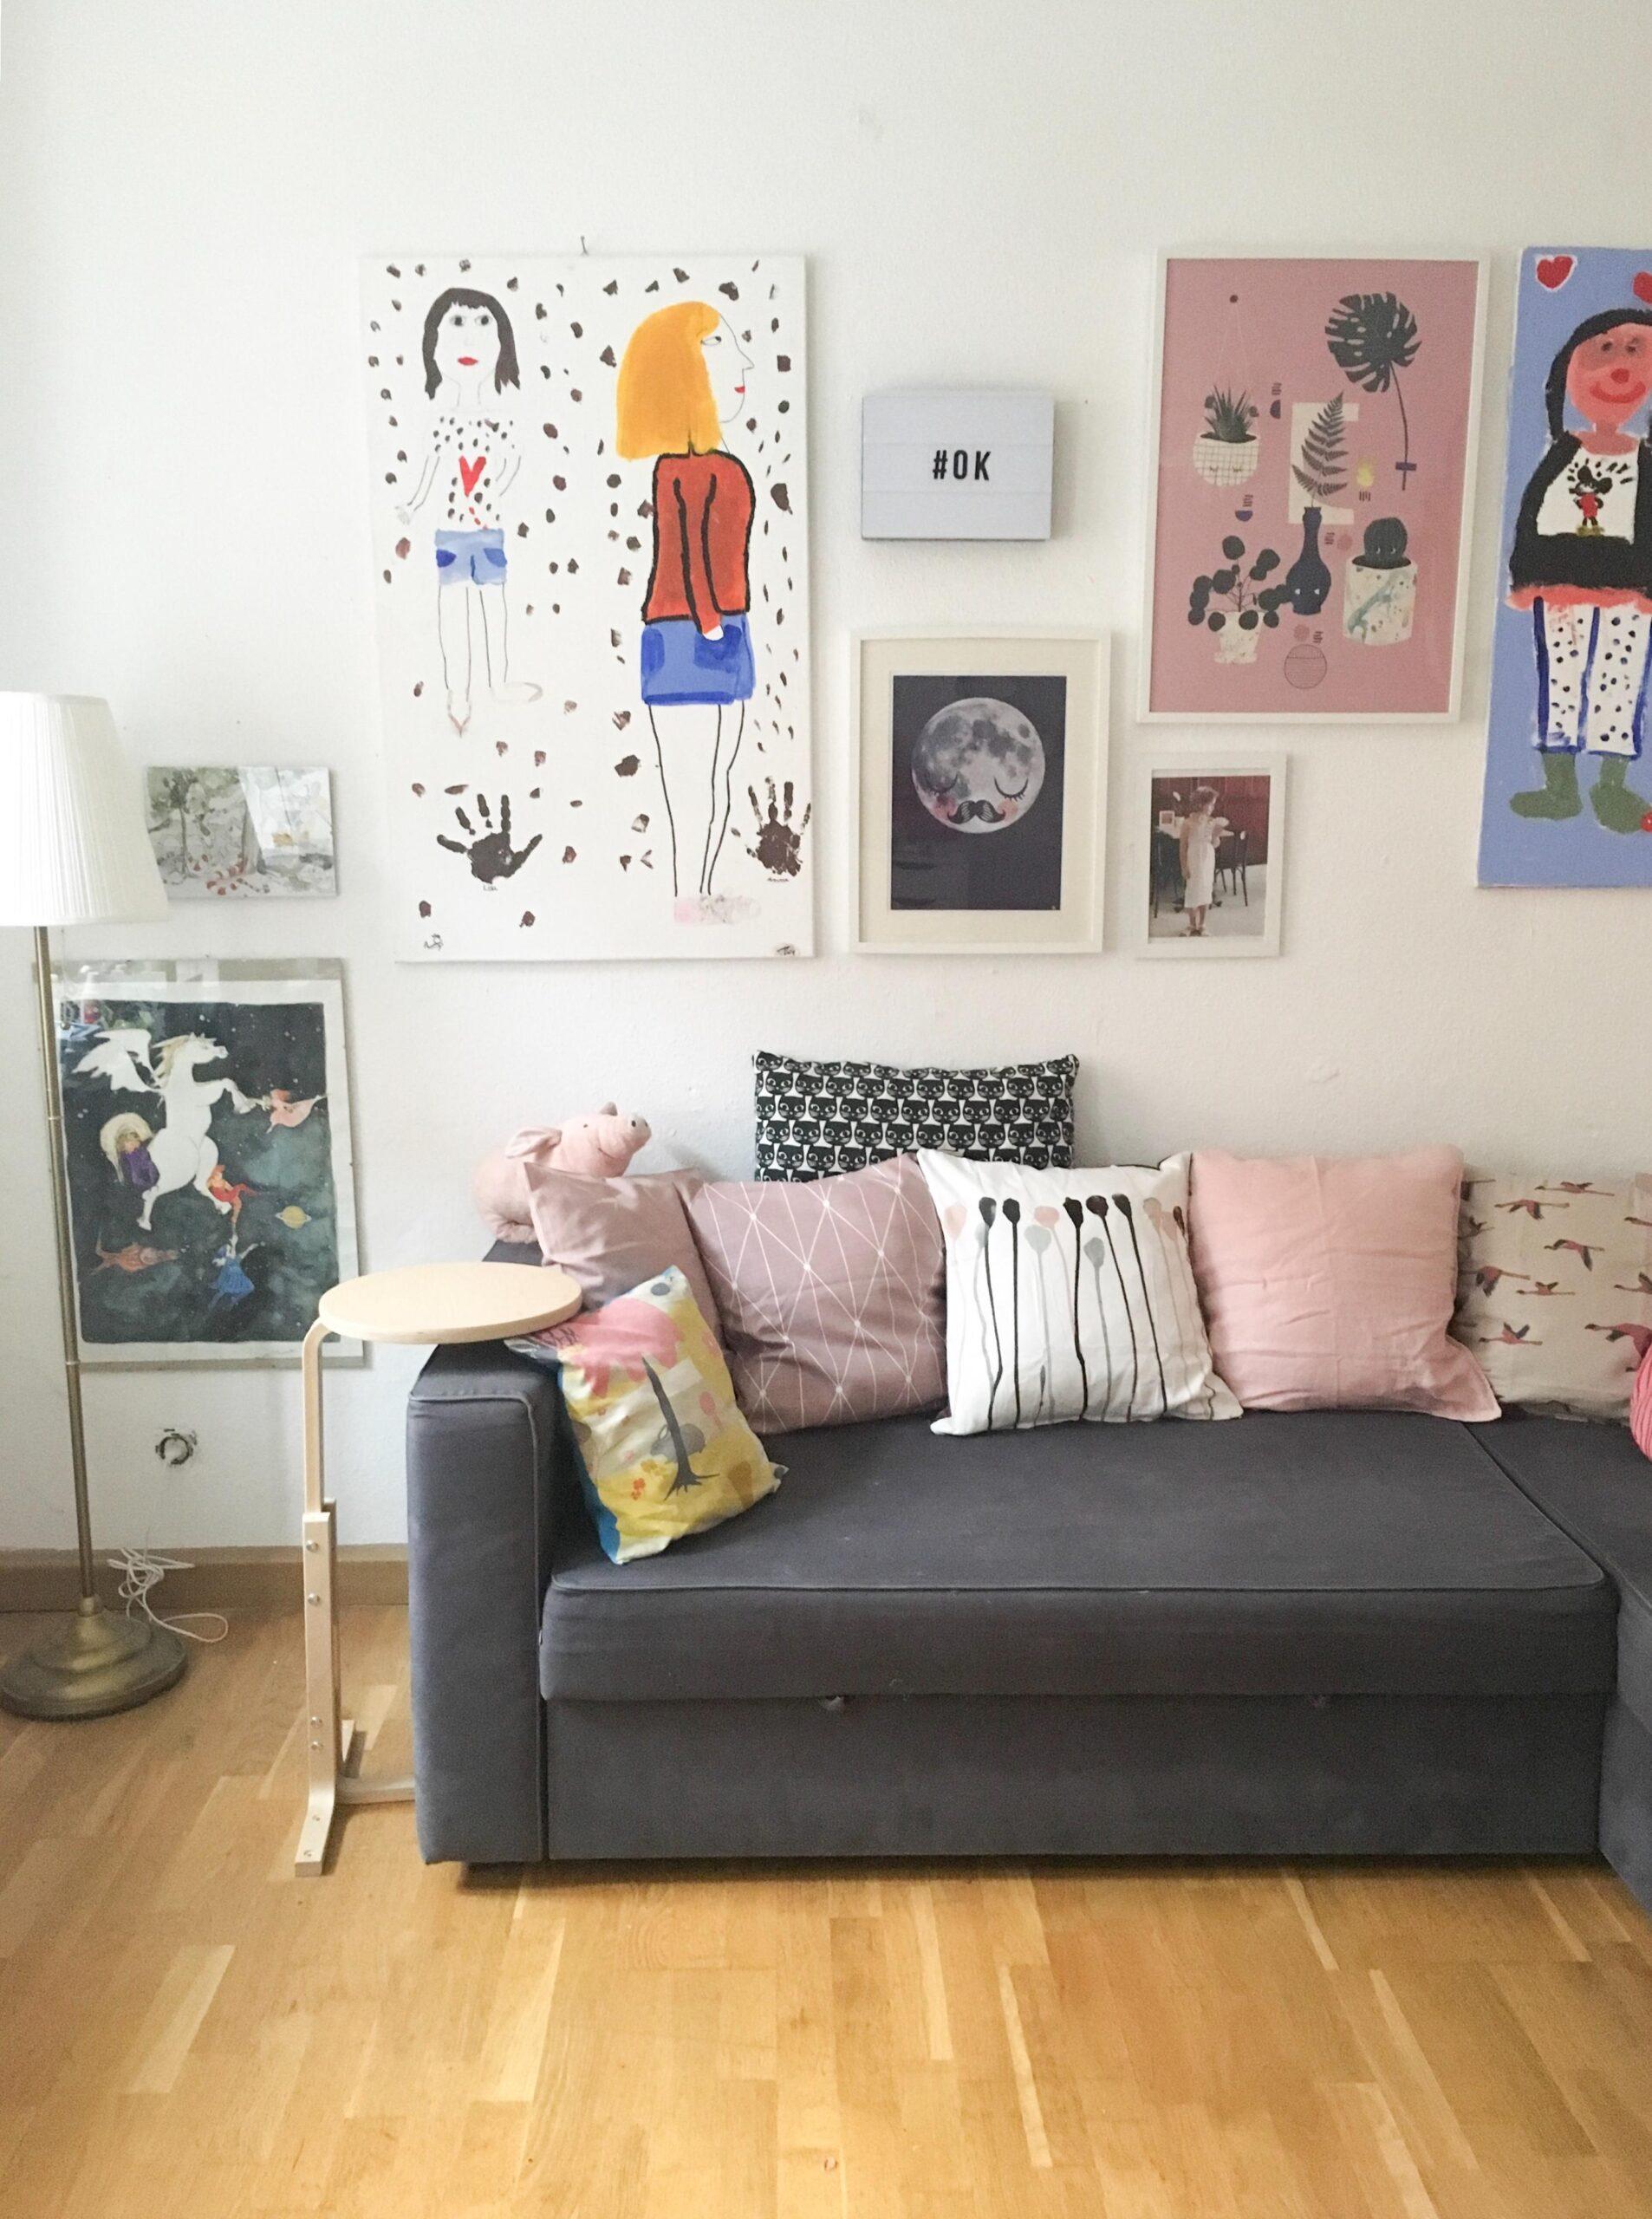 Full Size of Jugendzimmer Ikea Ideen So Wird Das Kinderzimmer Verwandelt Miniküche Küche Kosten Kaufen Bett Sofa Mit Schlaffunktion Betten Bei 160x200 Modulküche Wohnzimmer Jugendzimmer Ikea